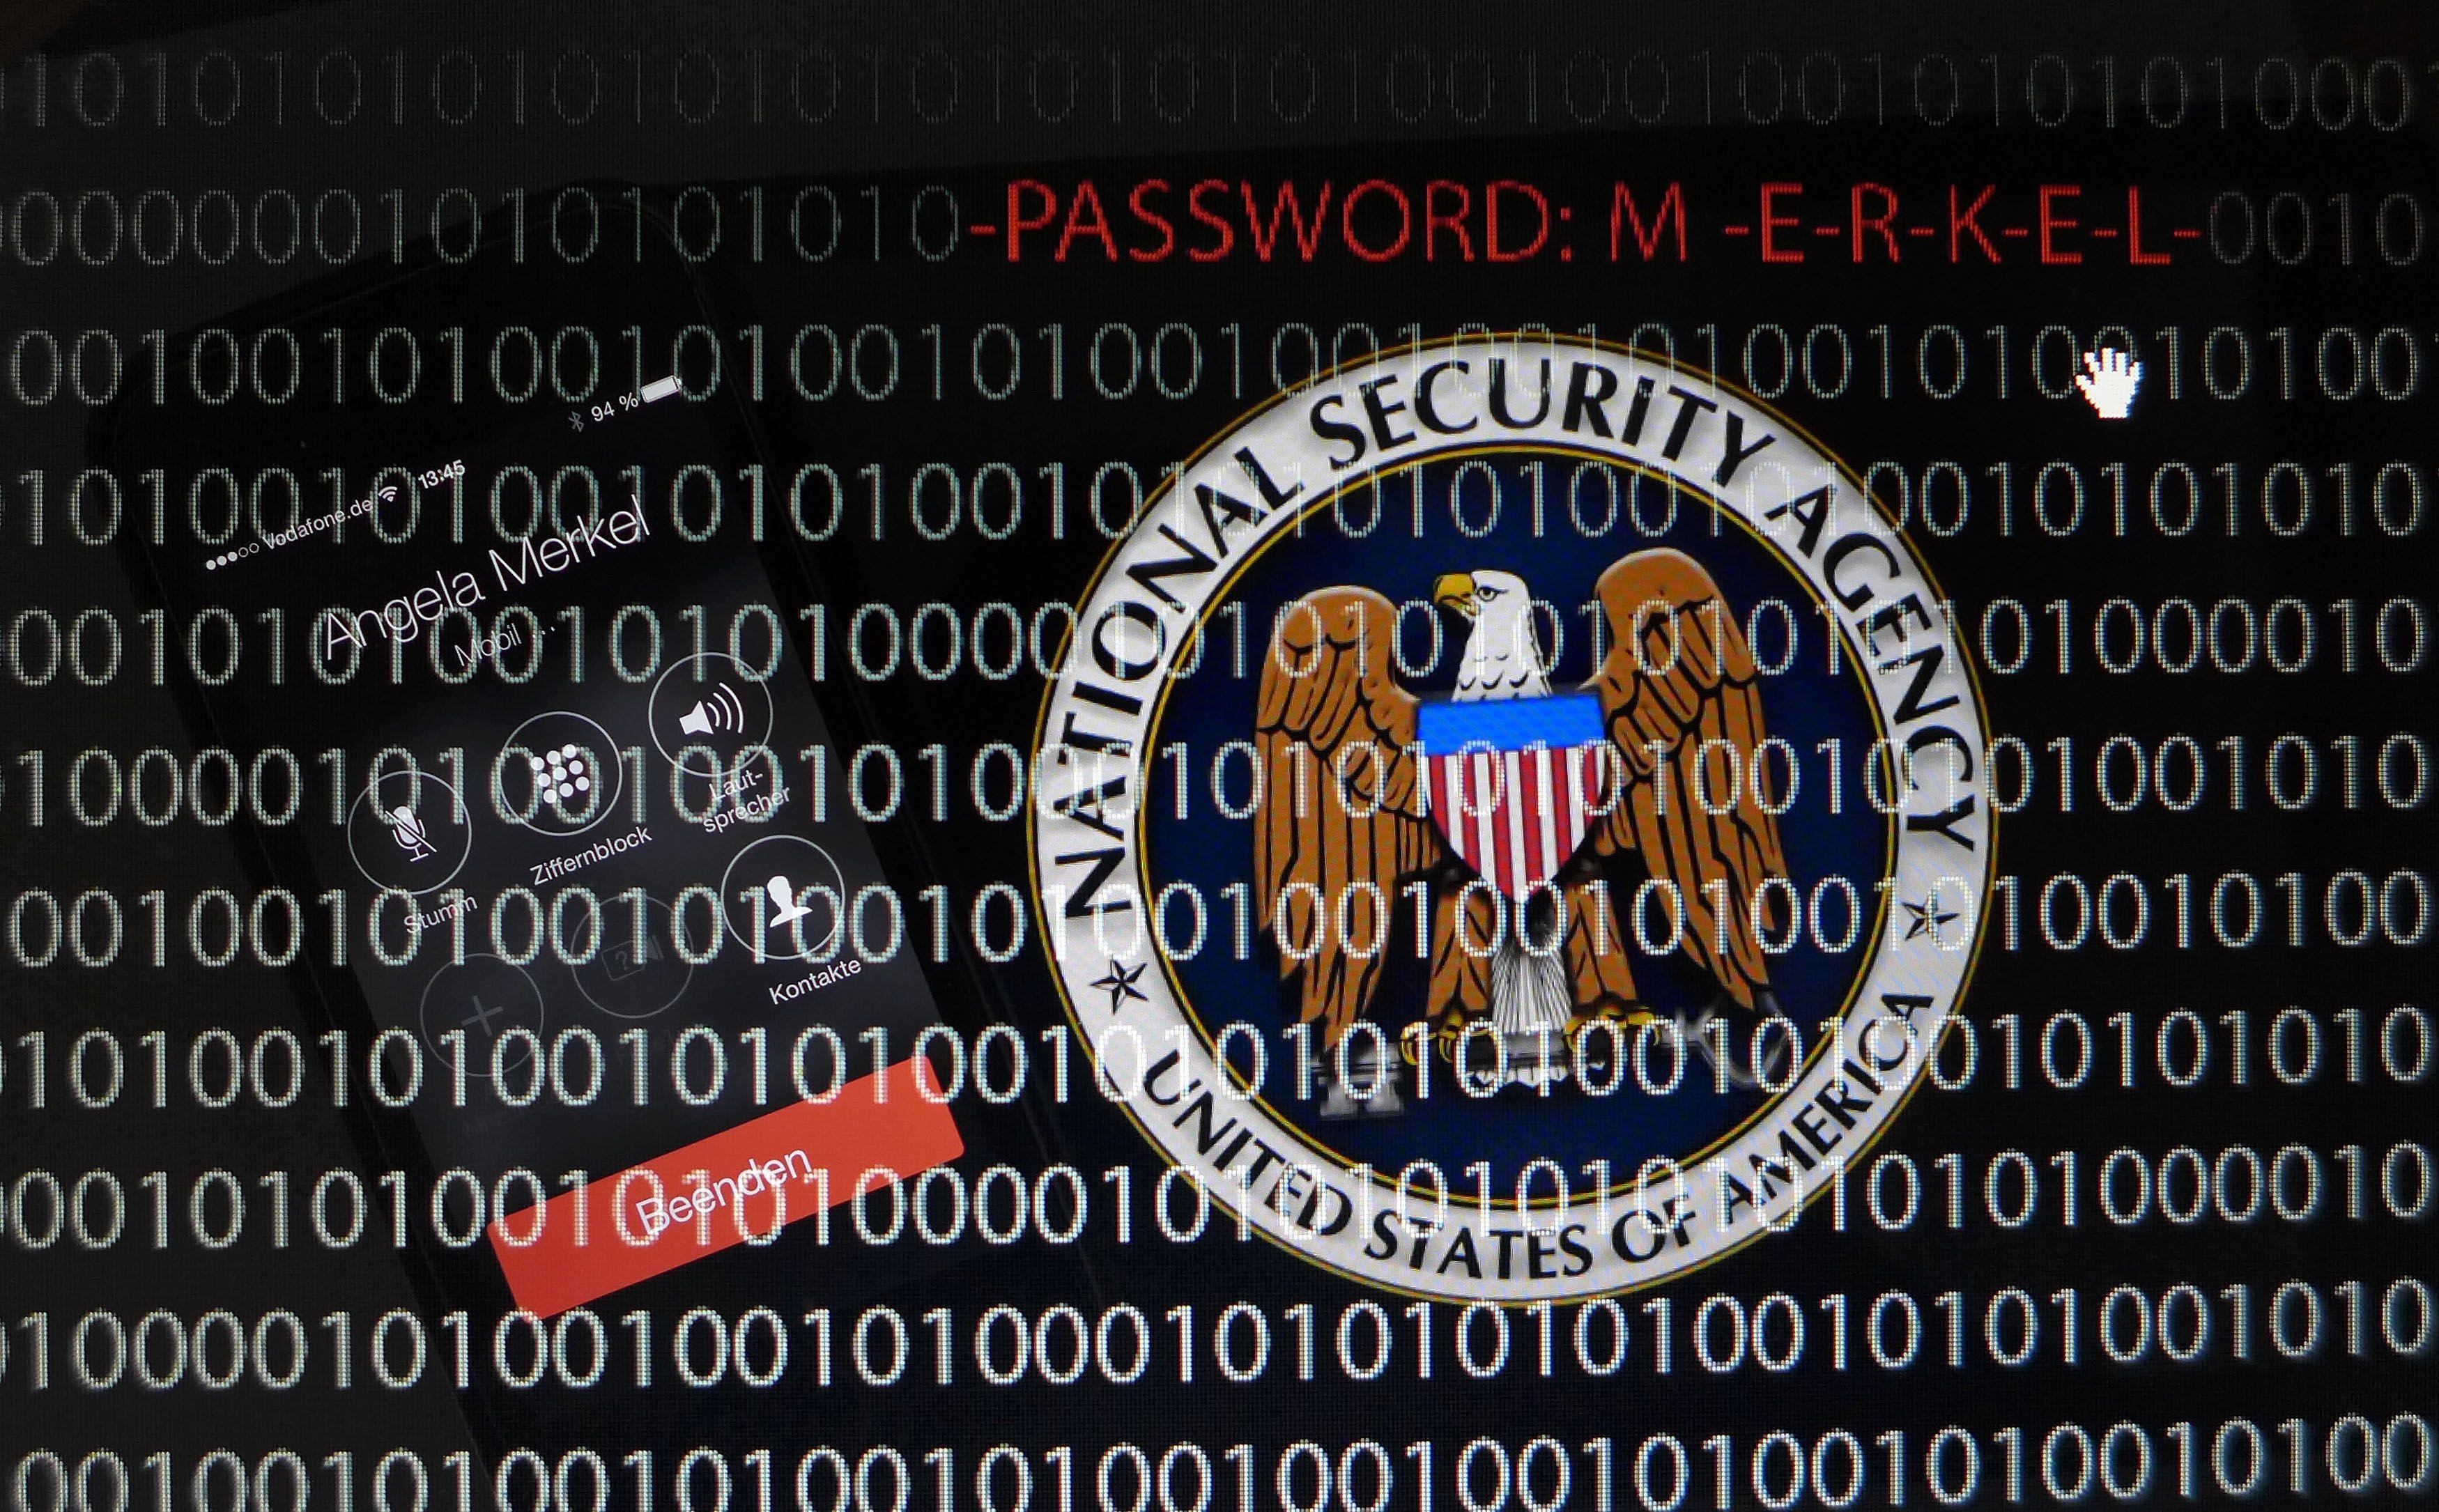 La NSA serait capable de pirater des ordinateurs non connectés à internet.